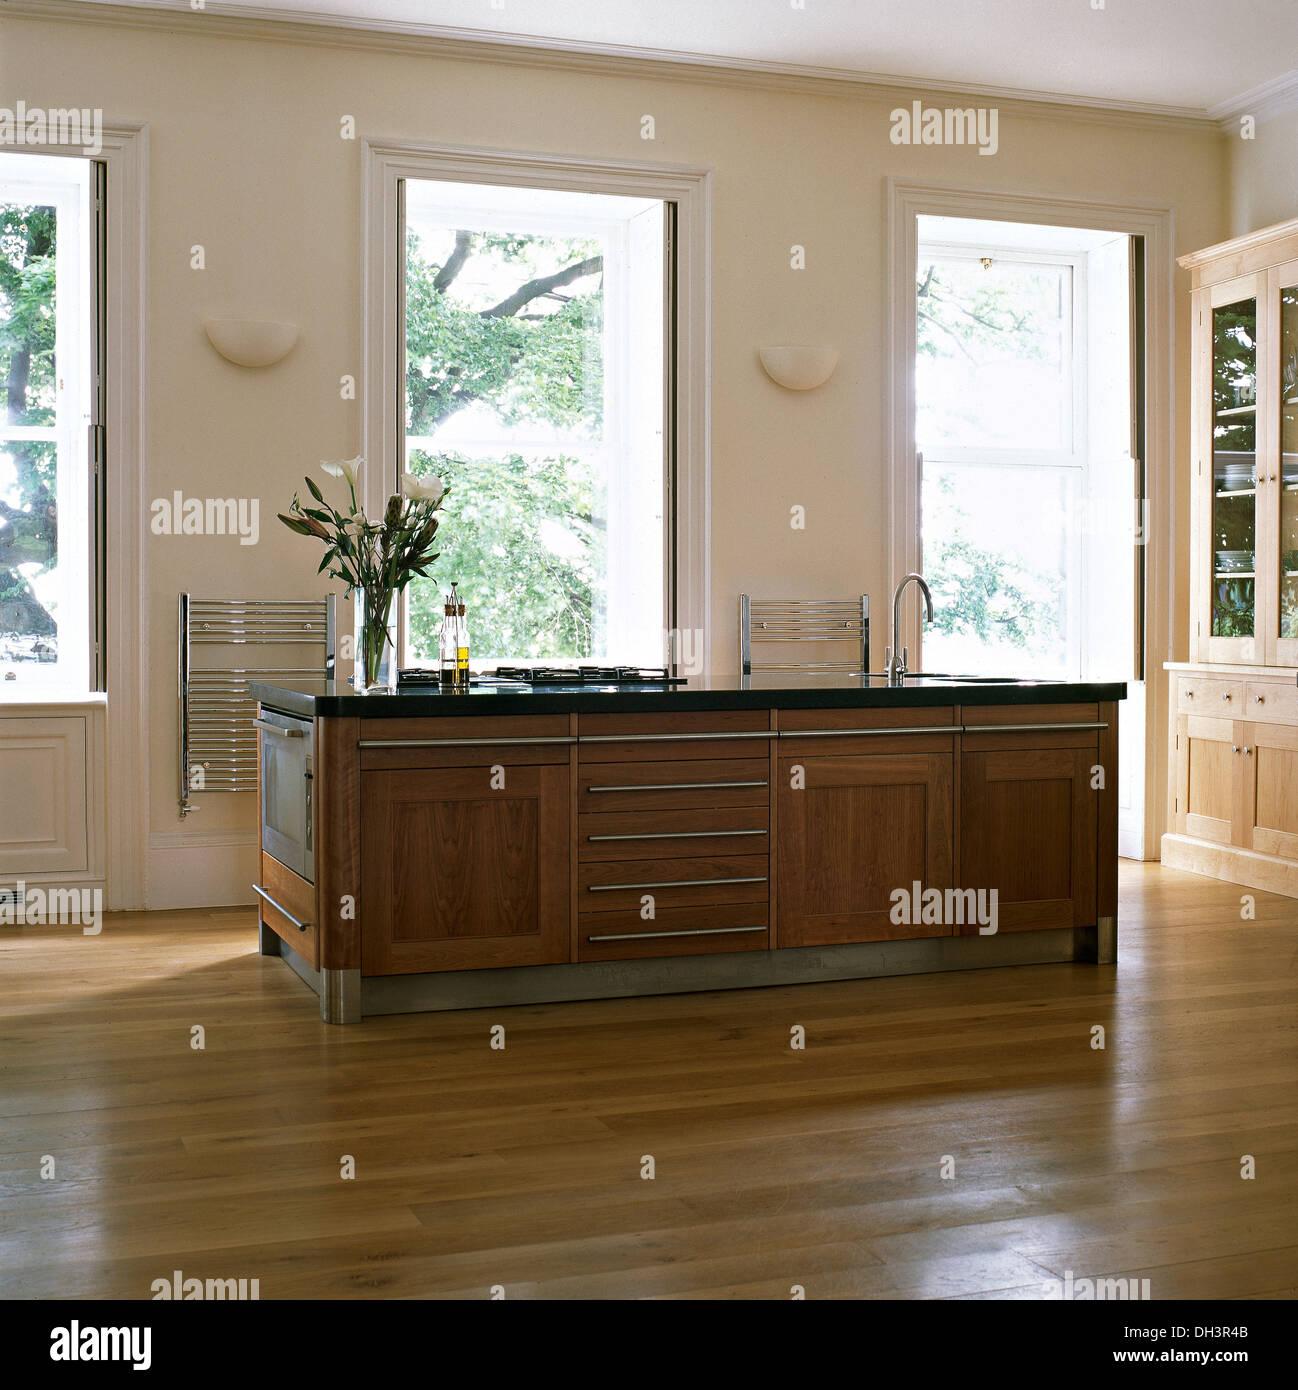 Geräumige, moderne Küche mit Kochinsel und Holzböden Stockfoto, Bild ...